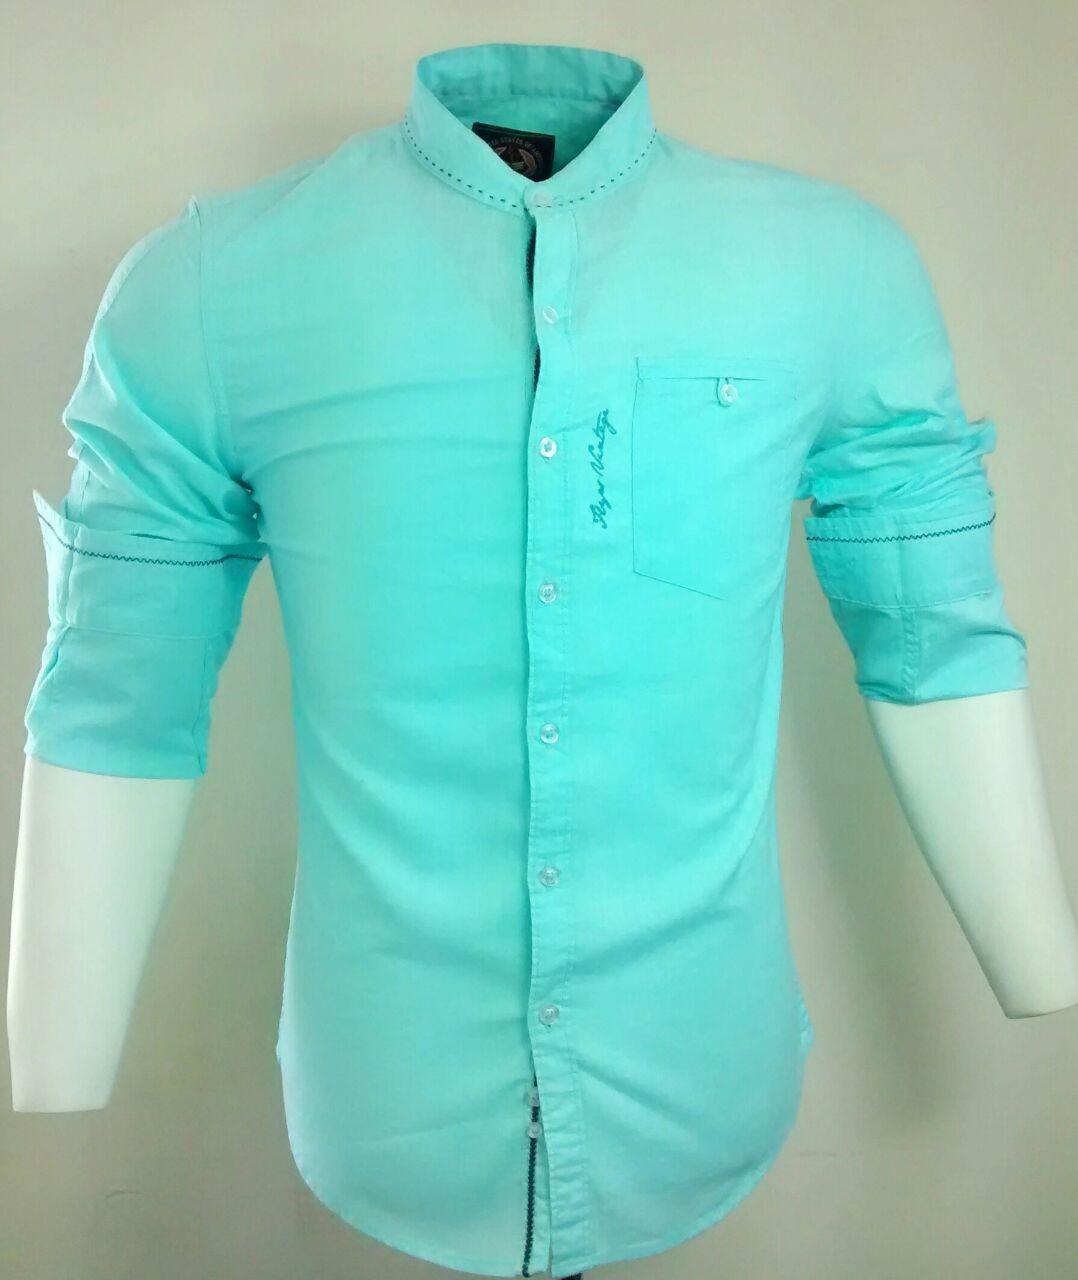 Casual Cotton Aqua Blue Stripes Shirt